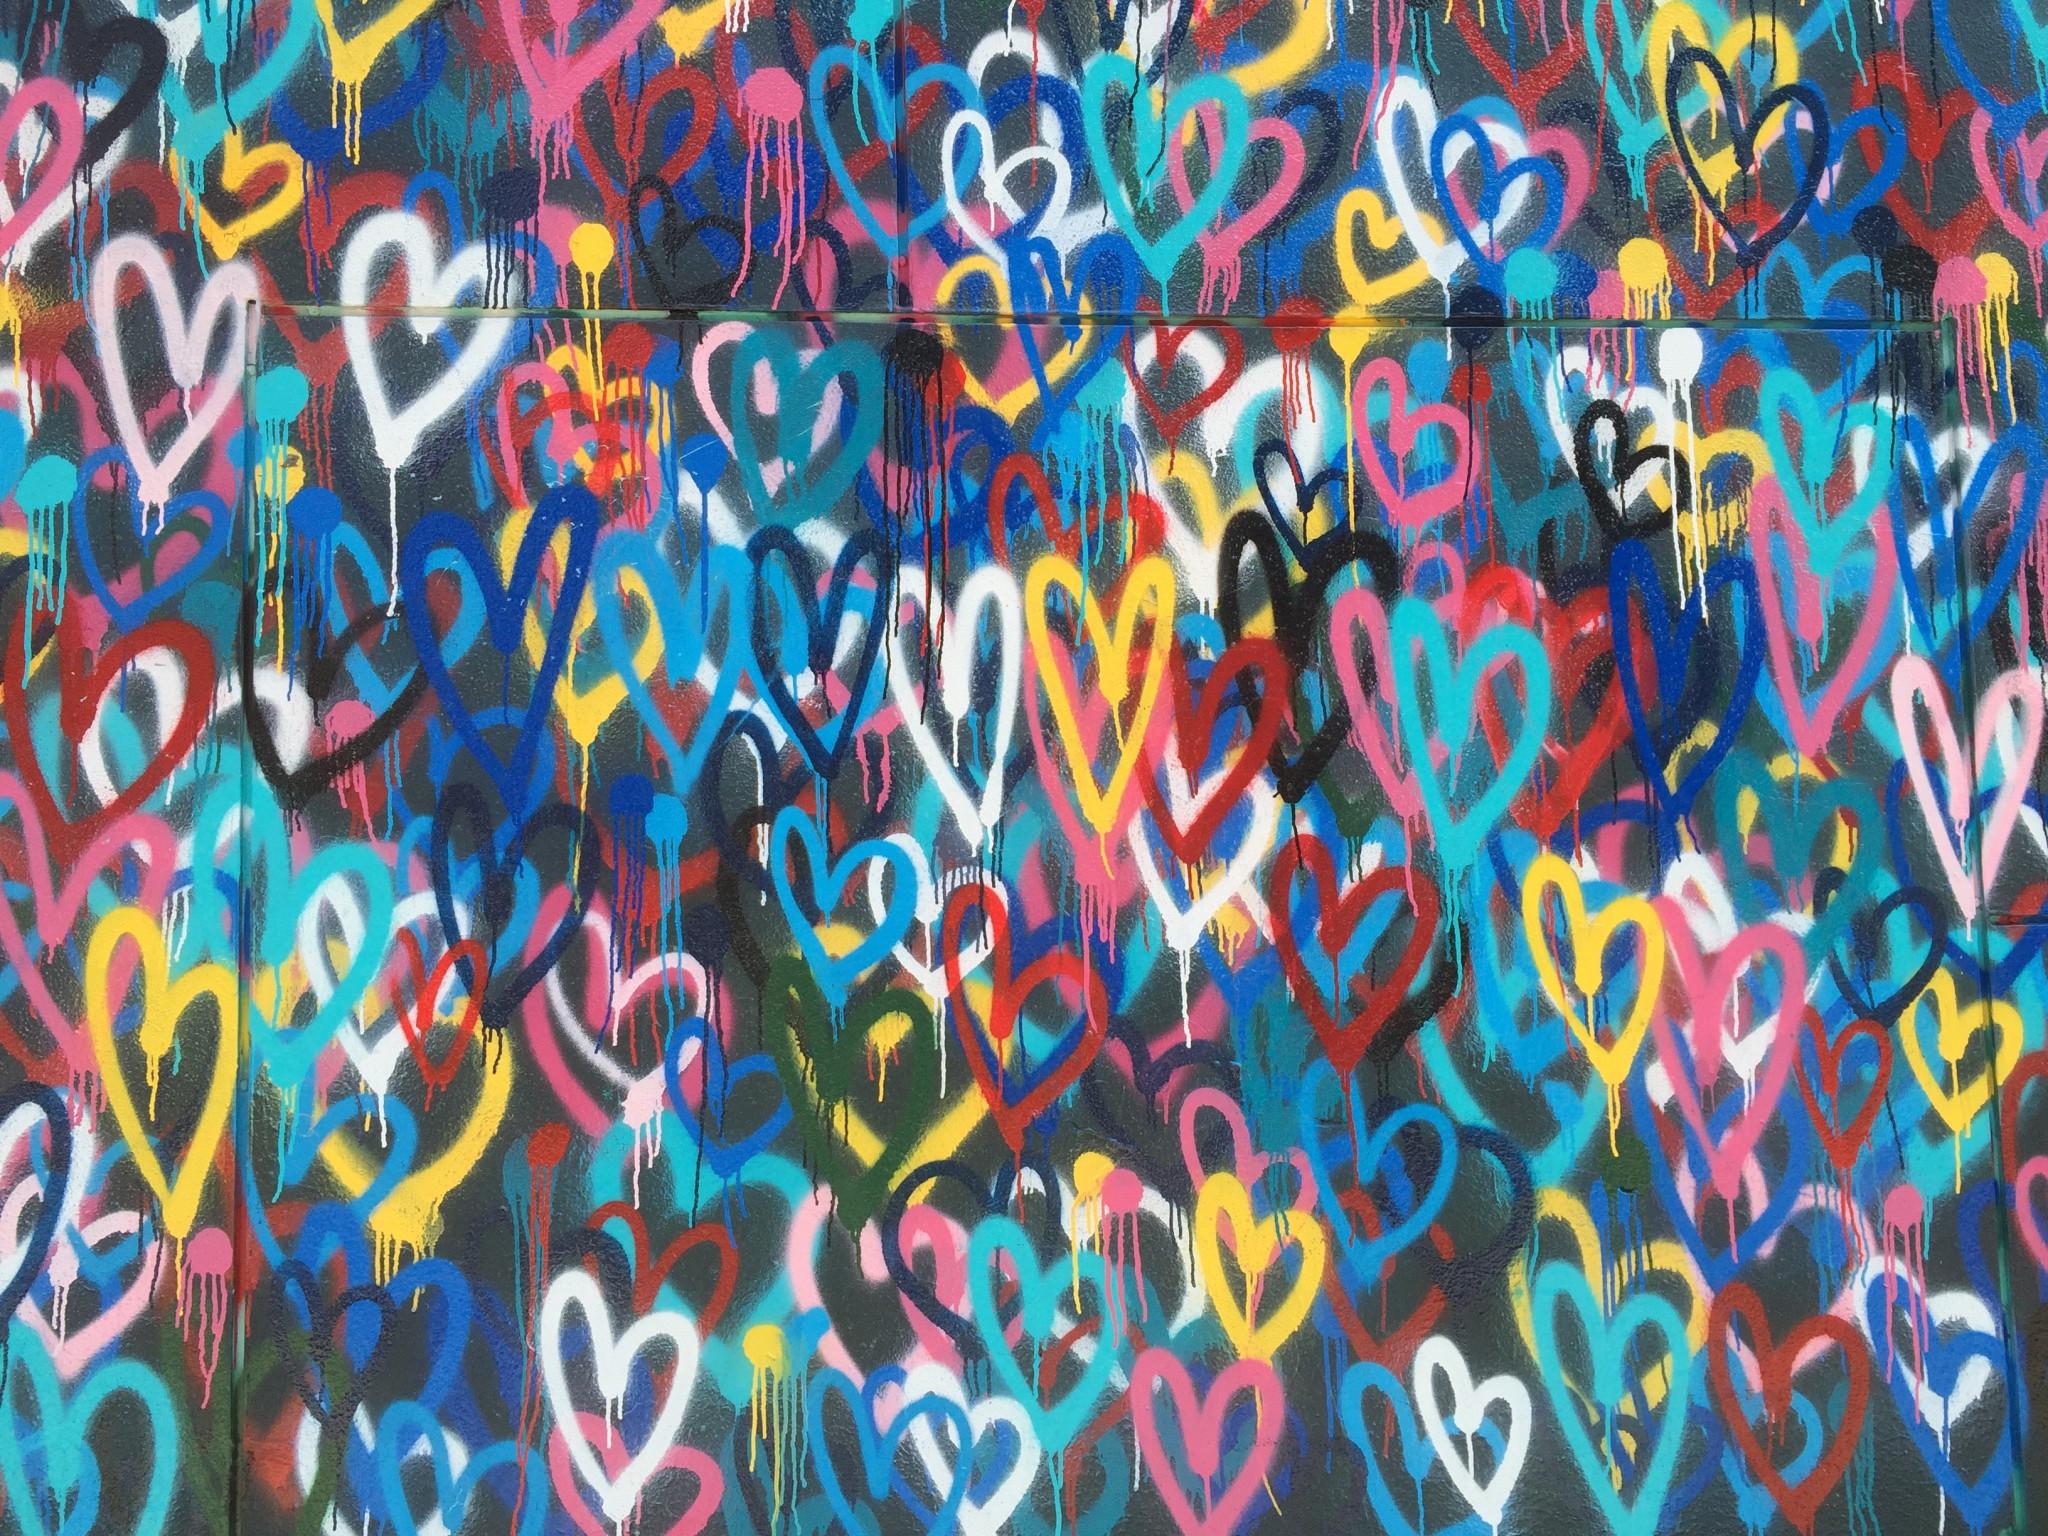 Grafittimålade hjärtan i olika färger och nyanser.